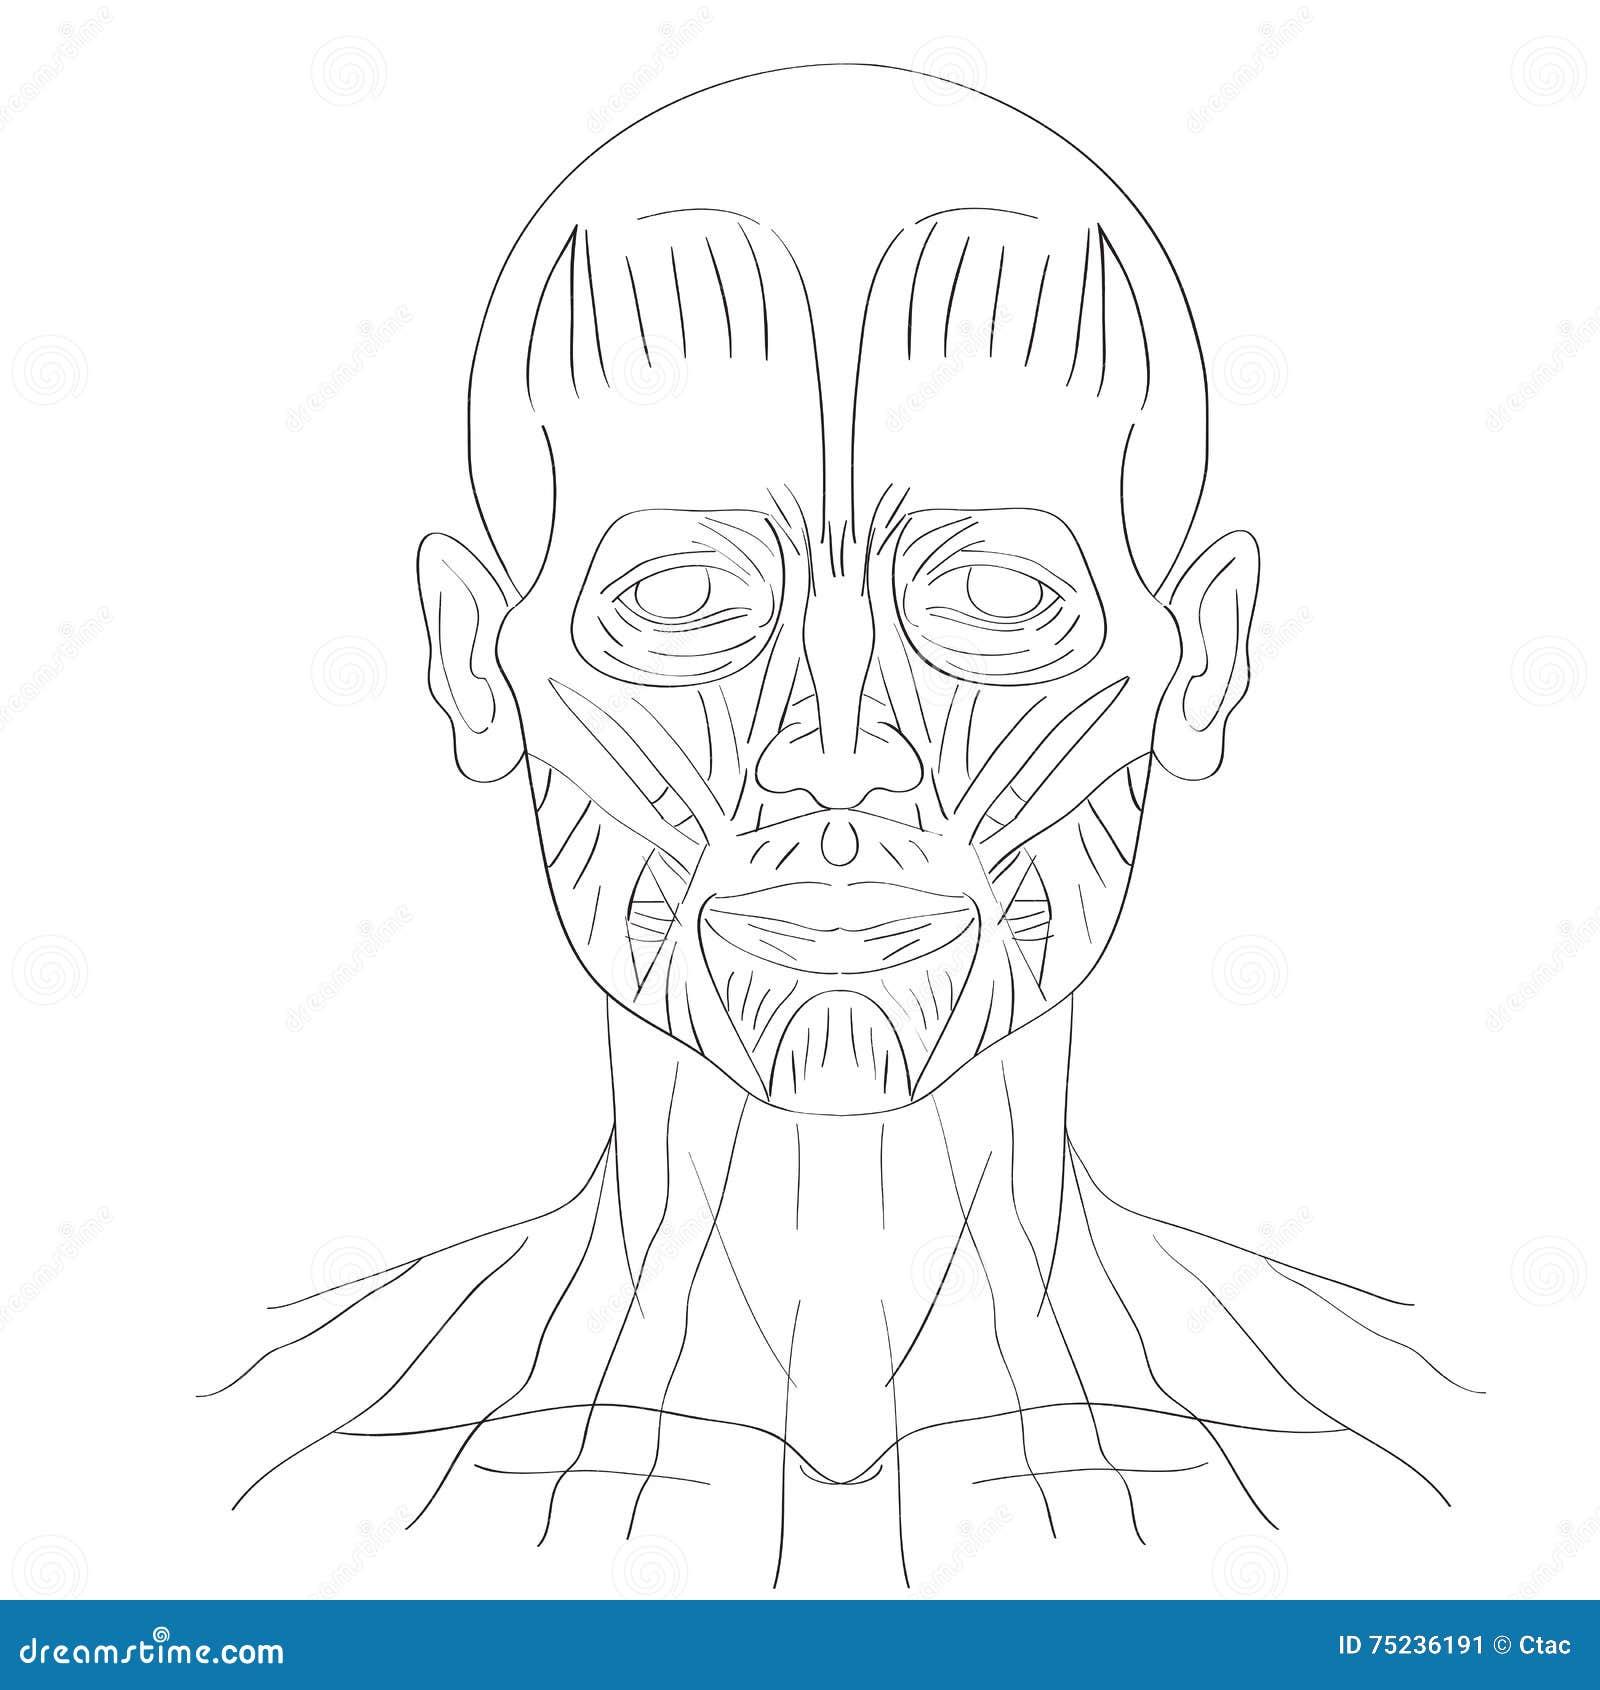 Gesichtsmuskel vektor abbildung. Illustration von anatomie - 75236191